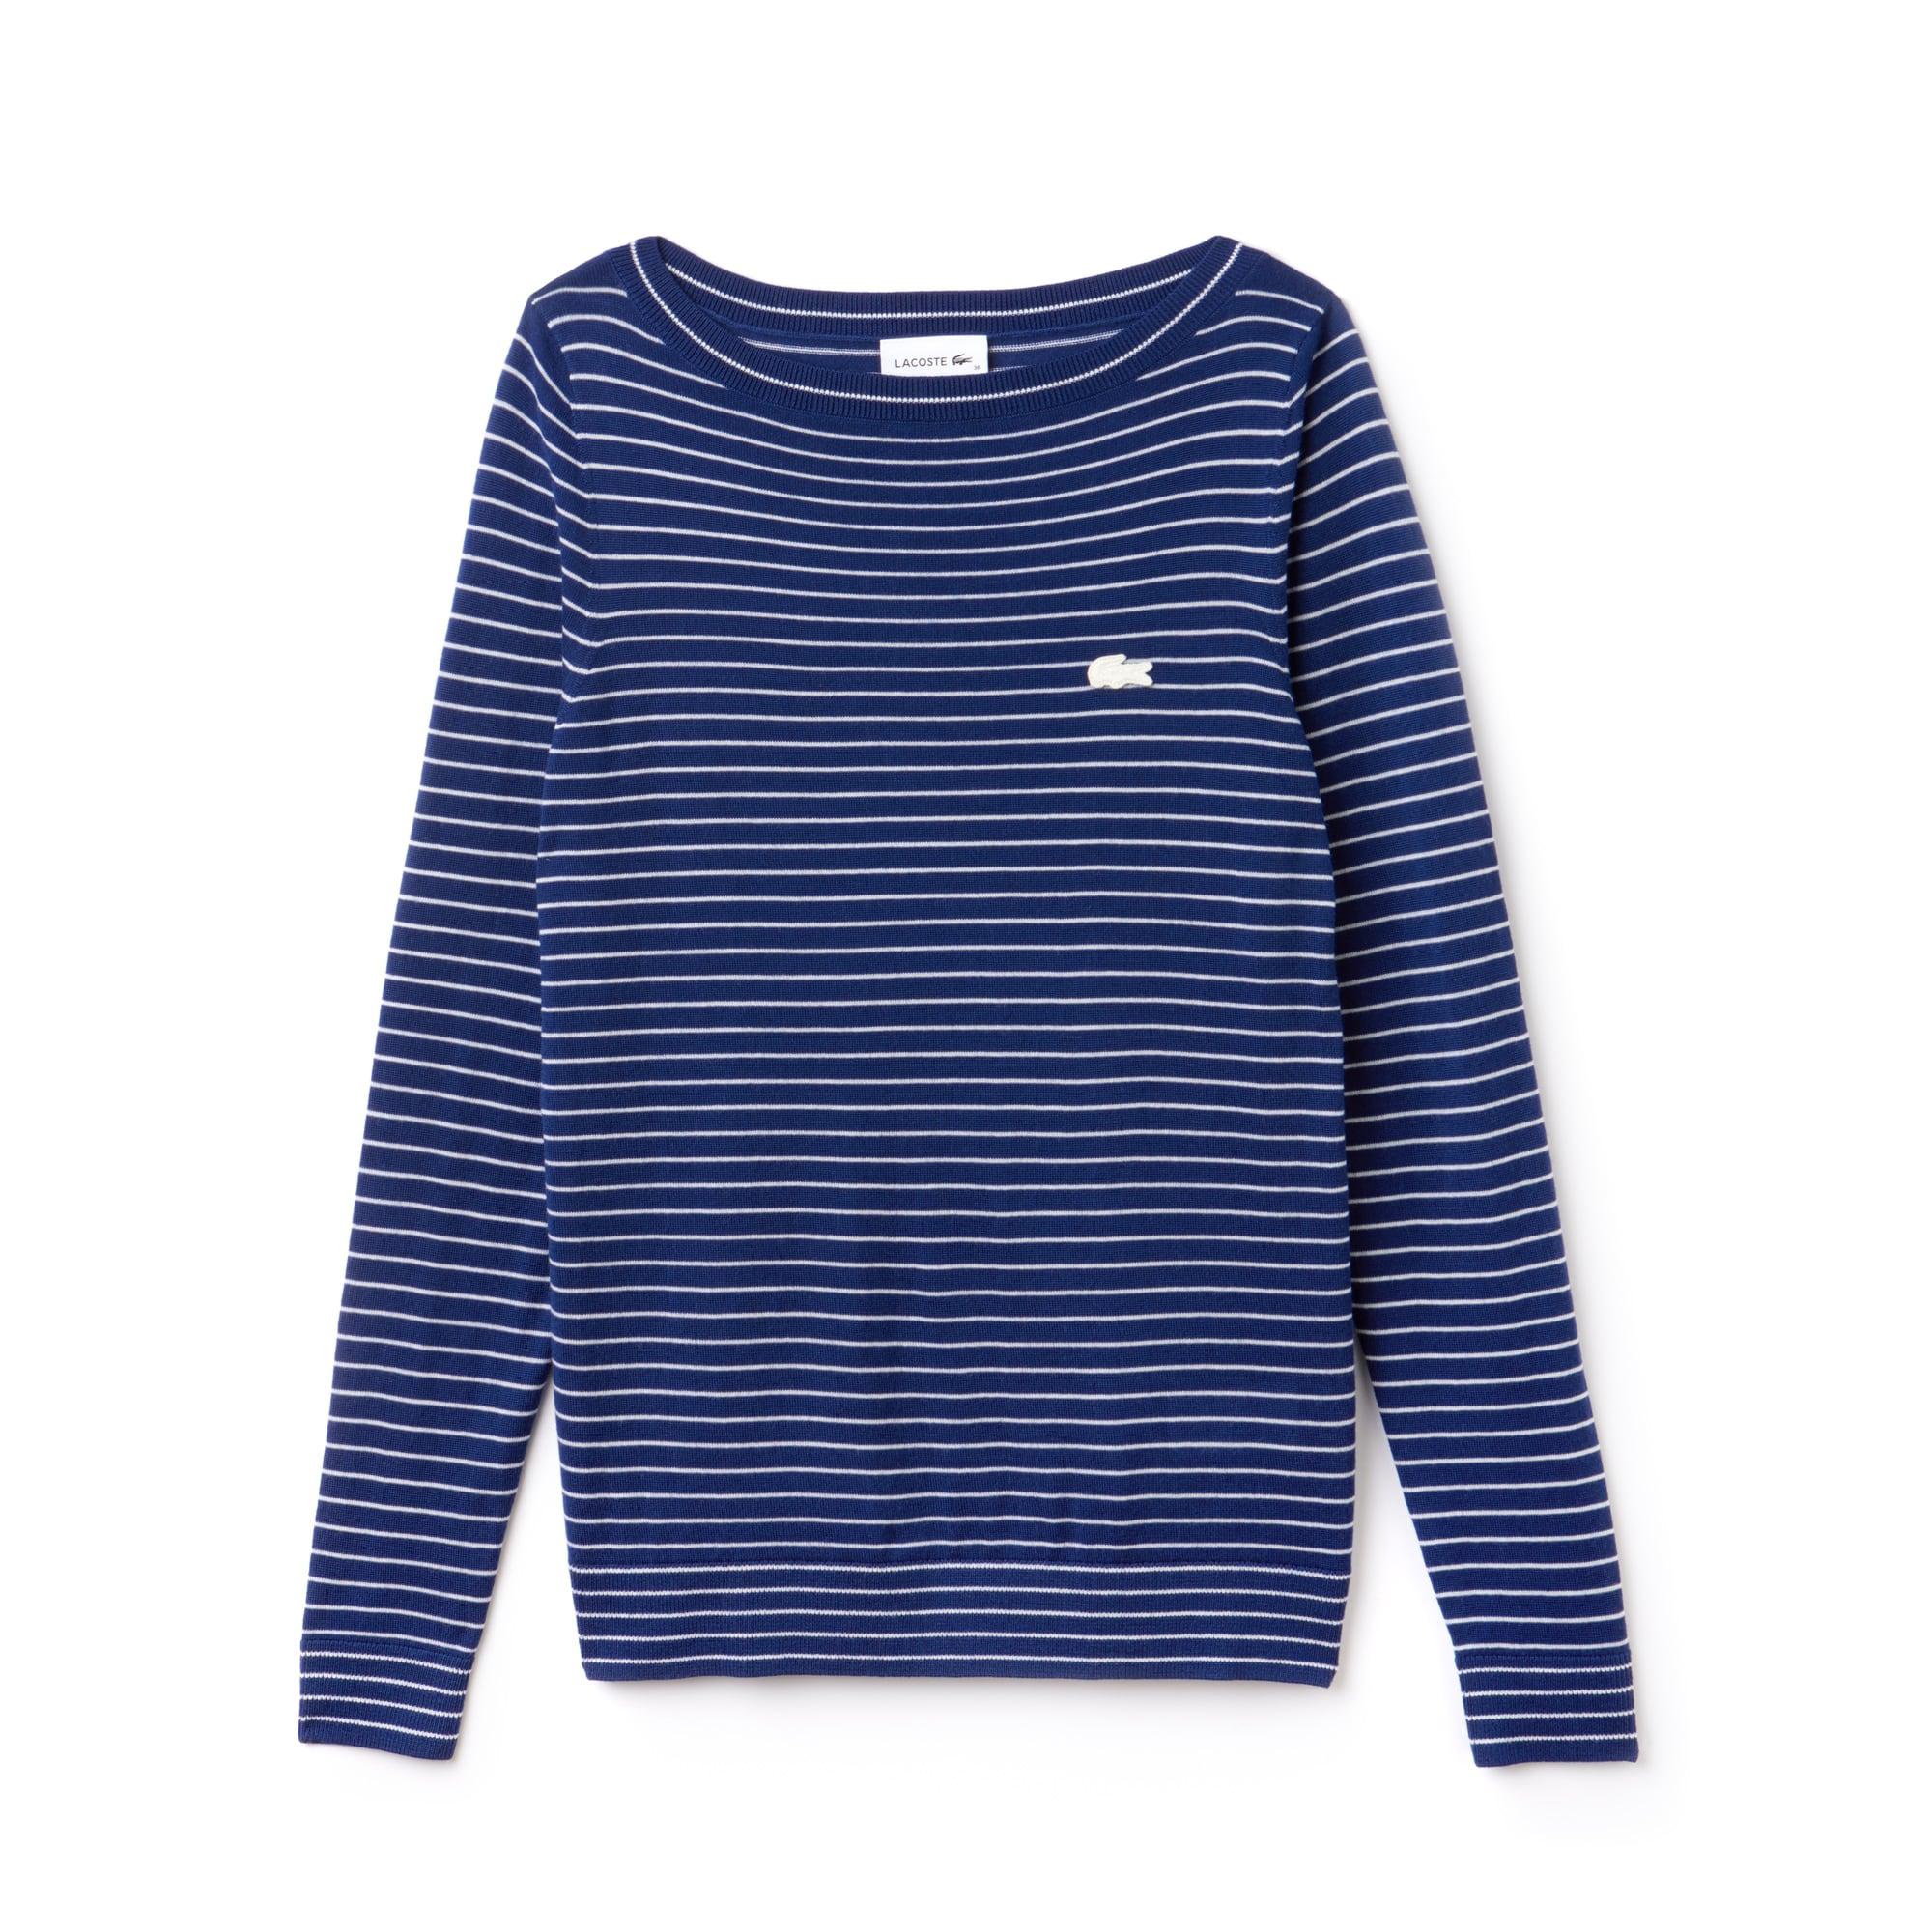 Pullover con collo a barchetta in jersey di lana a righe